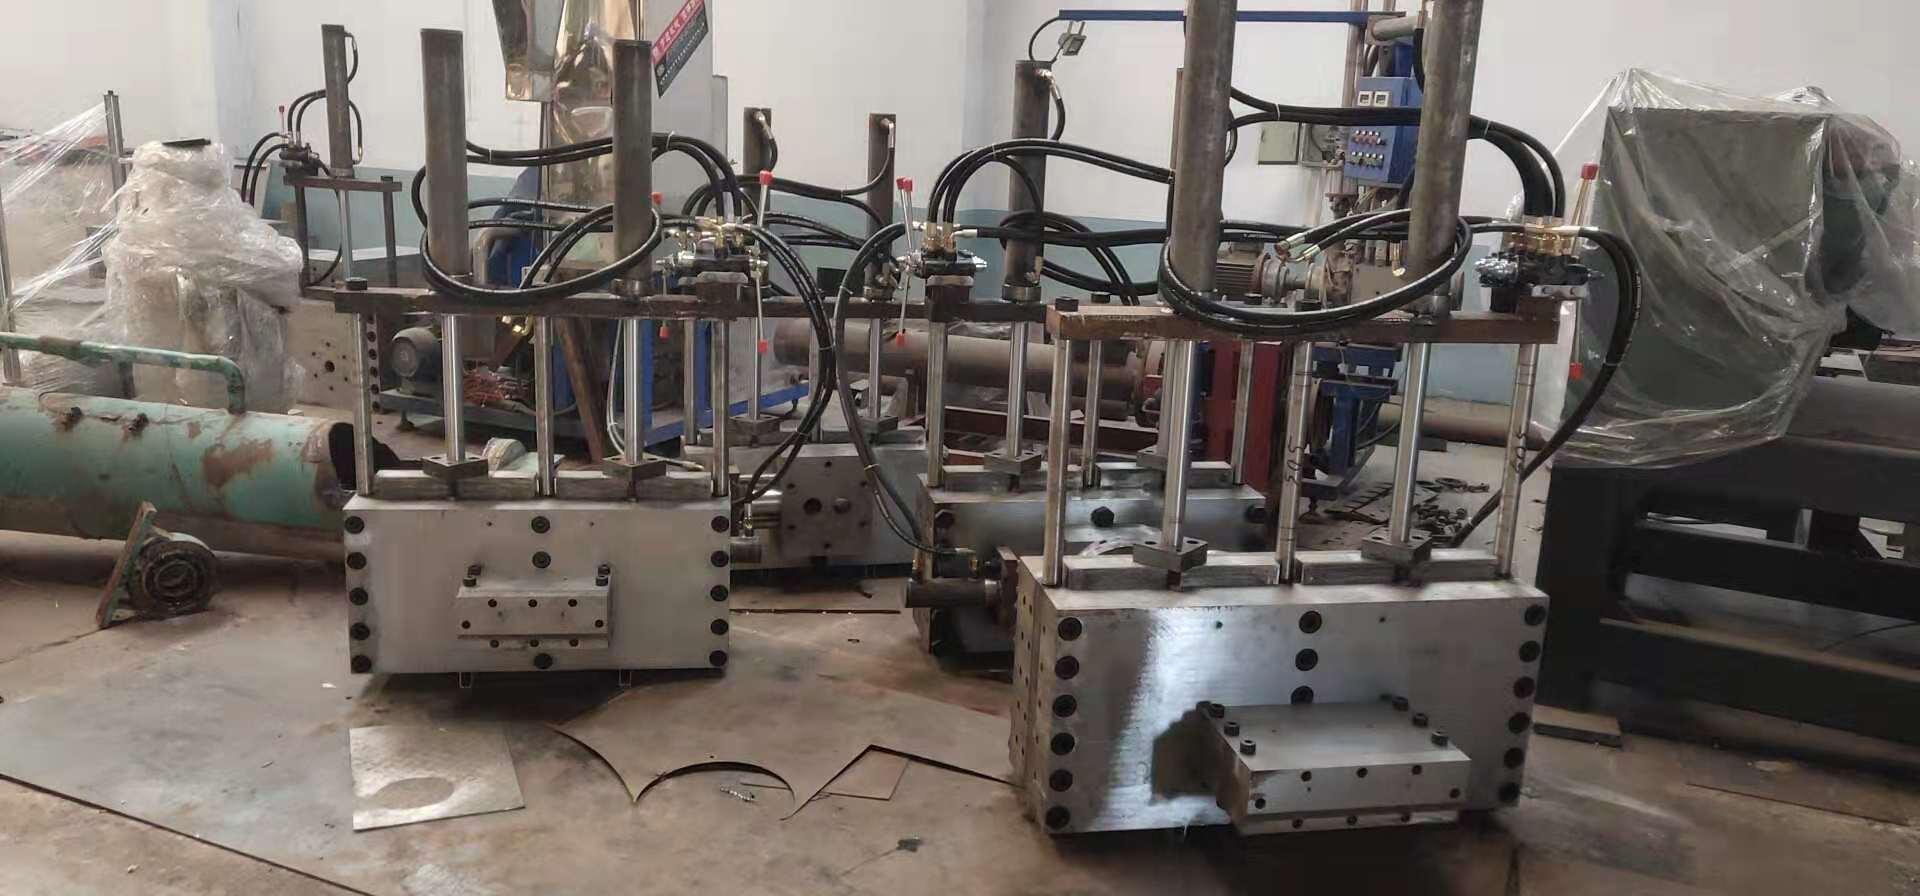 塑料破碎机公司-大量供应口碑好的塑料破碎机